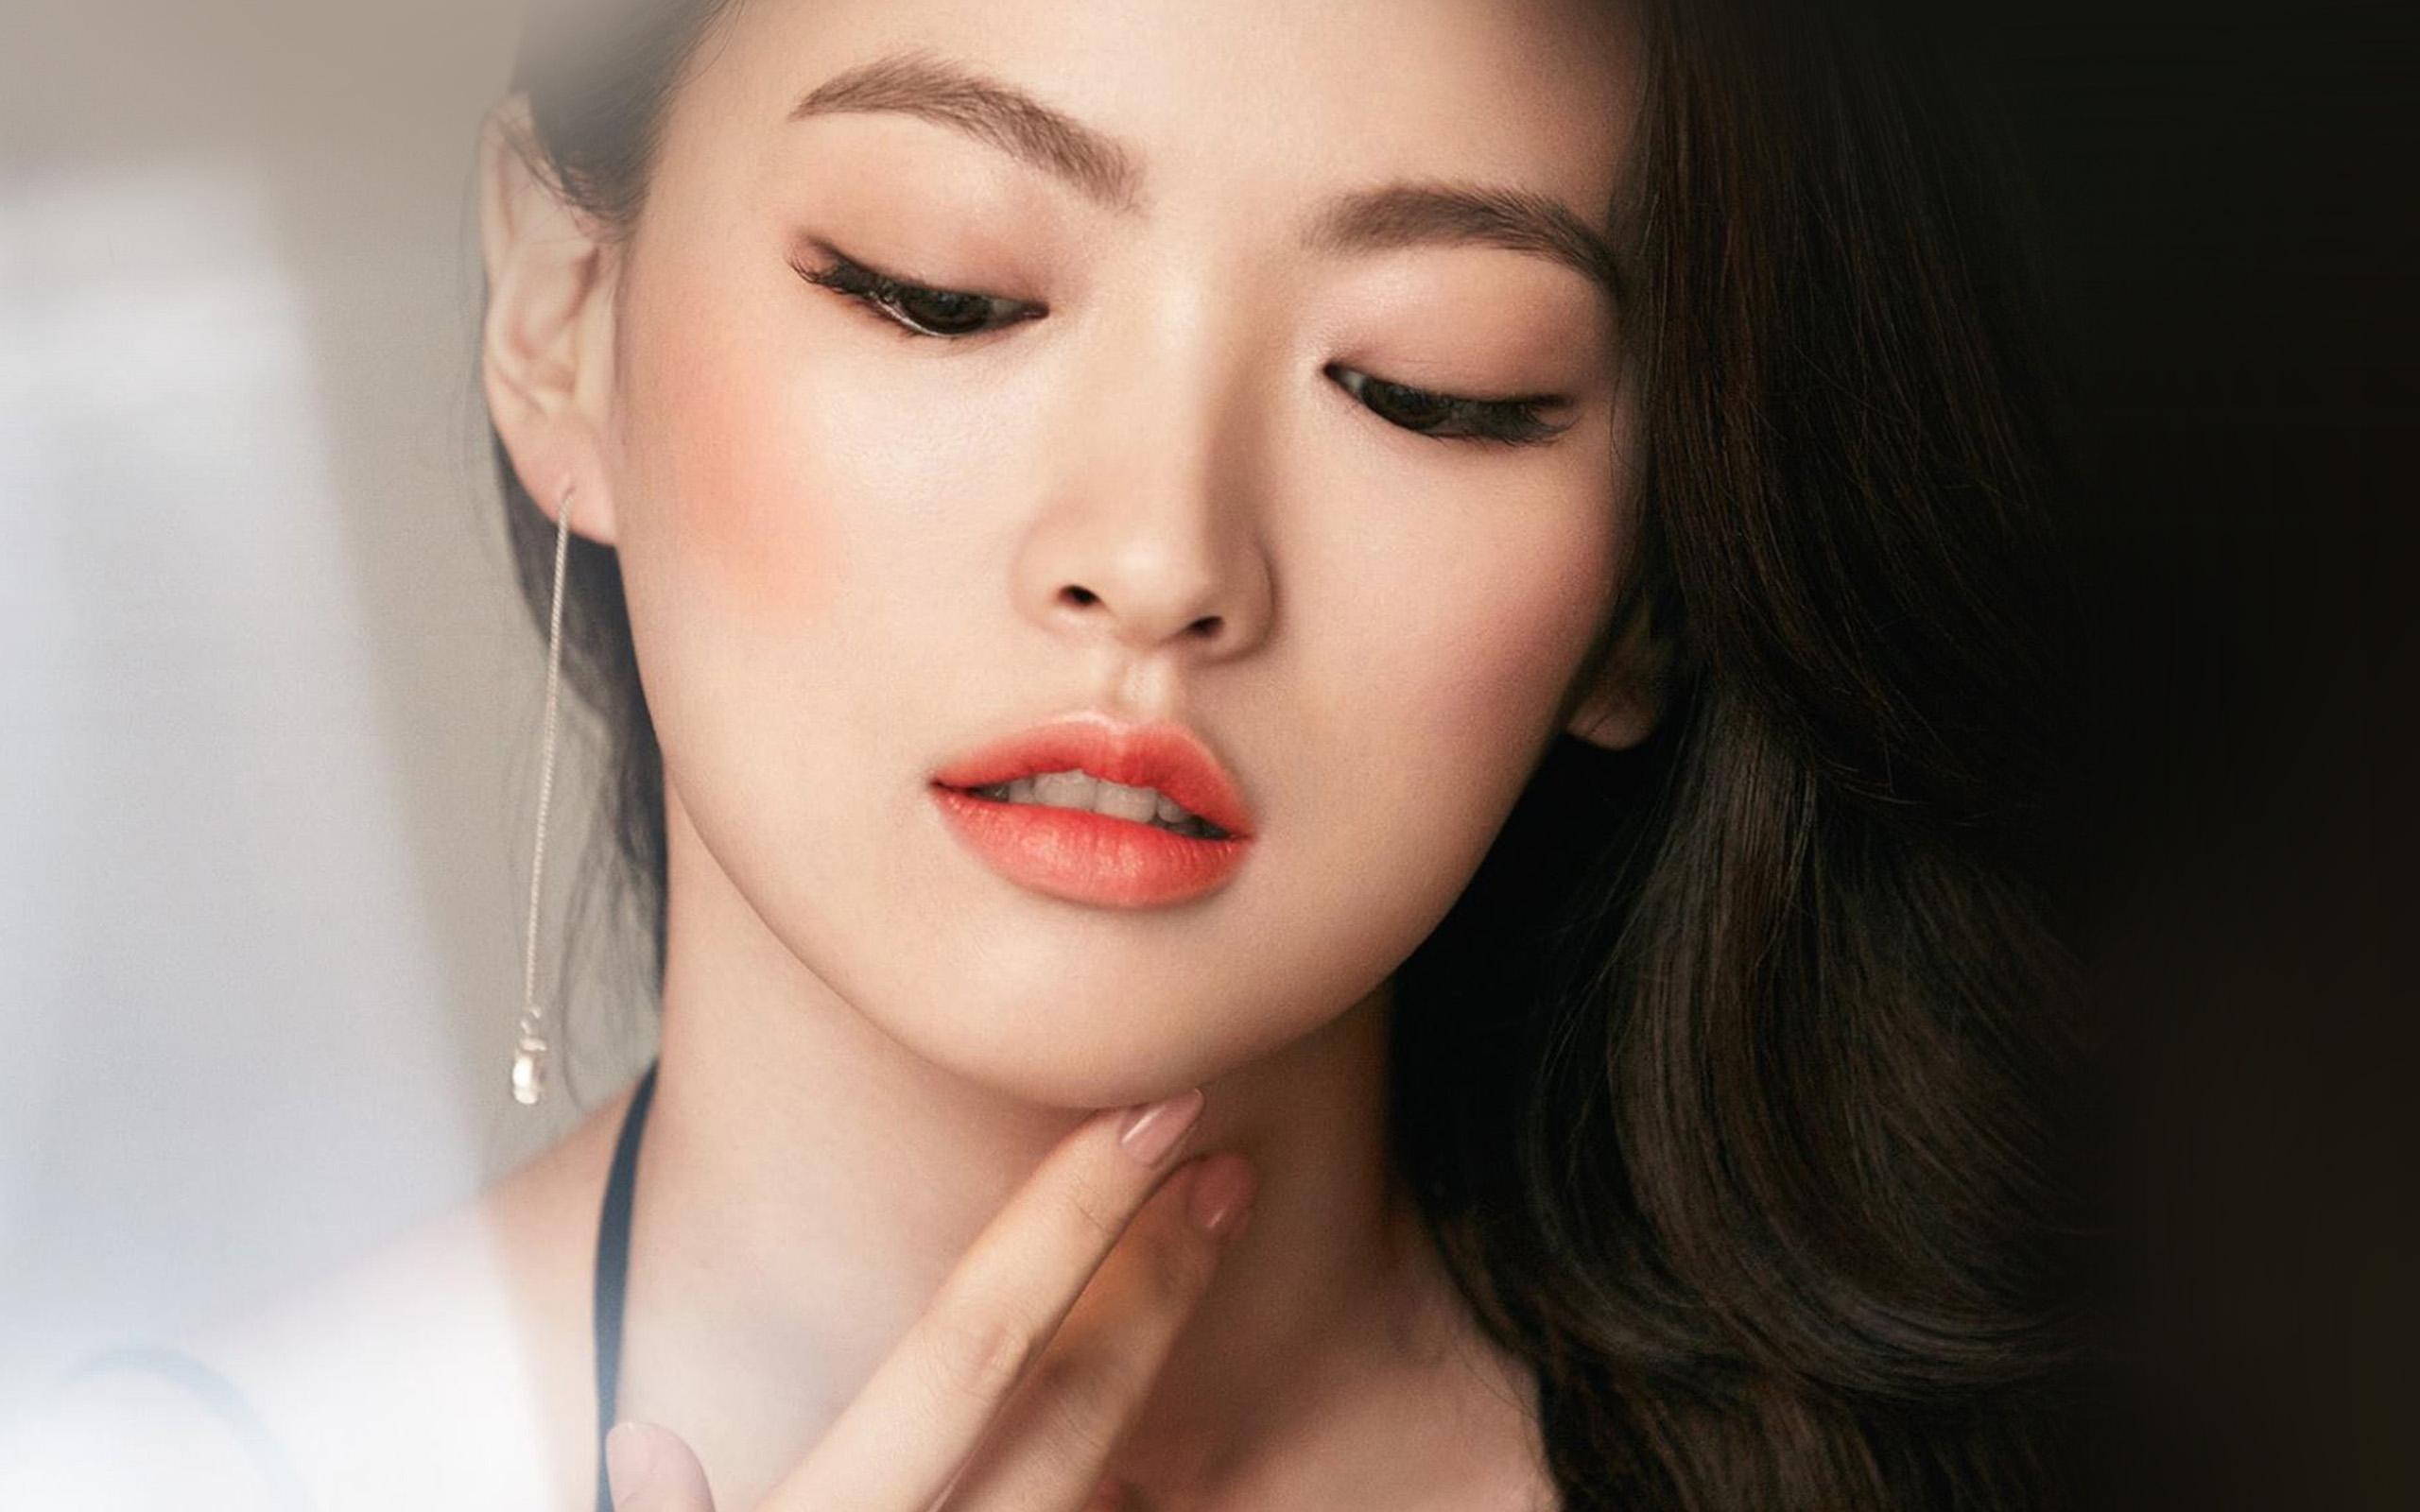 Hn65 asian girl face dark dress wallpaper - Asian girl 4k ...